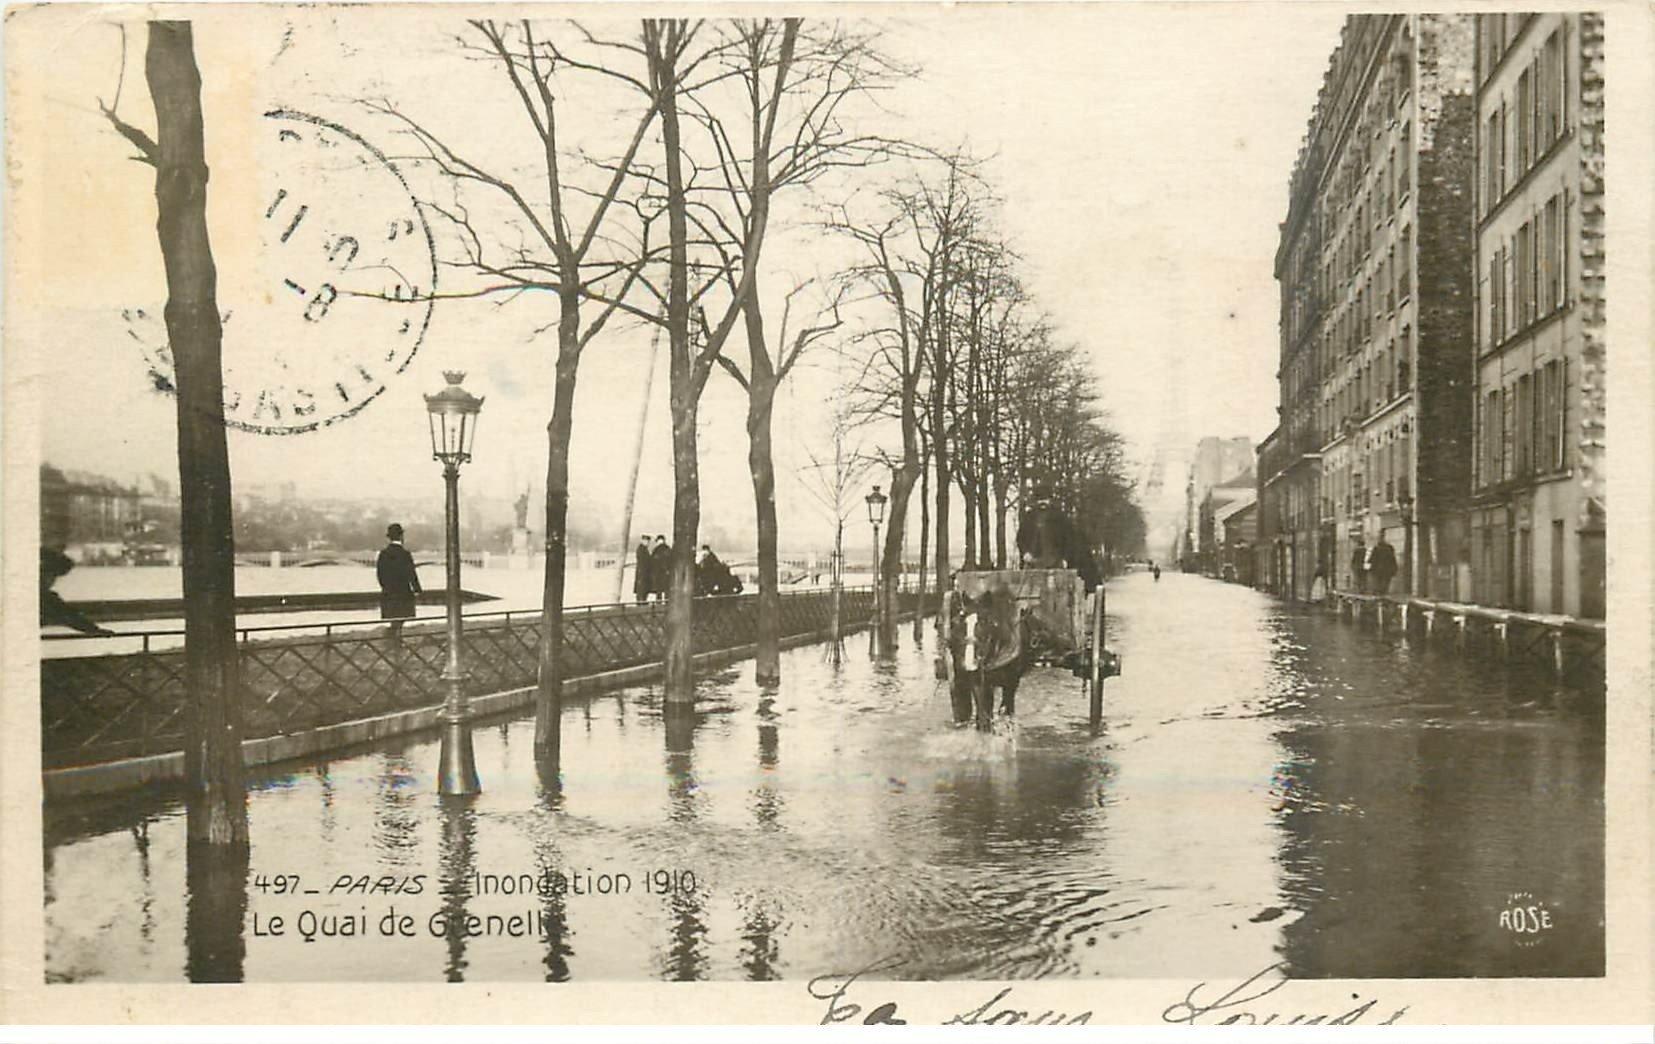 carte postale ancienne INONDATION DE PARIS 1910. Le Quai de Grenelle attelage